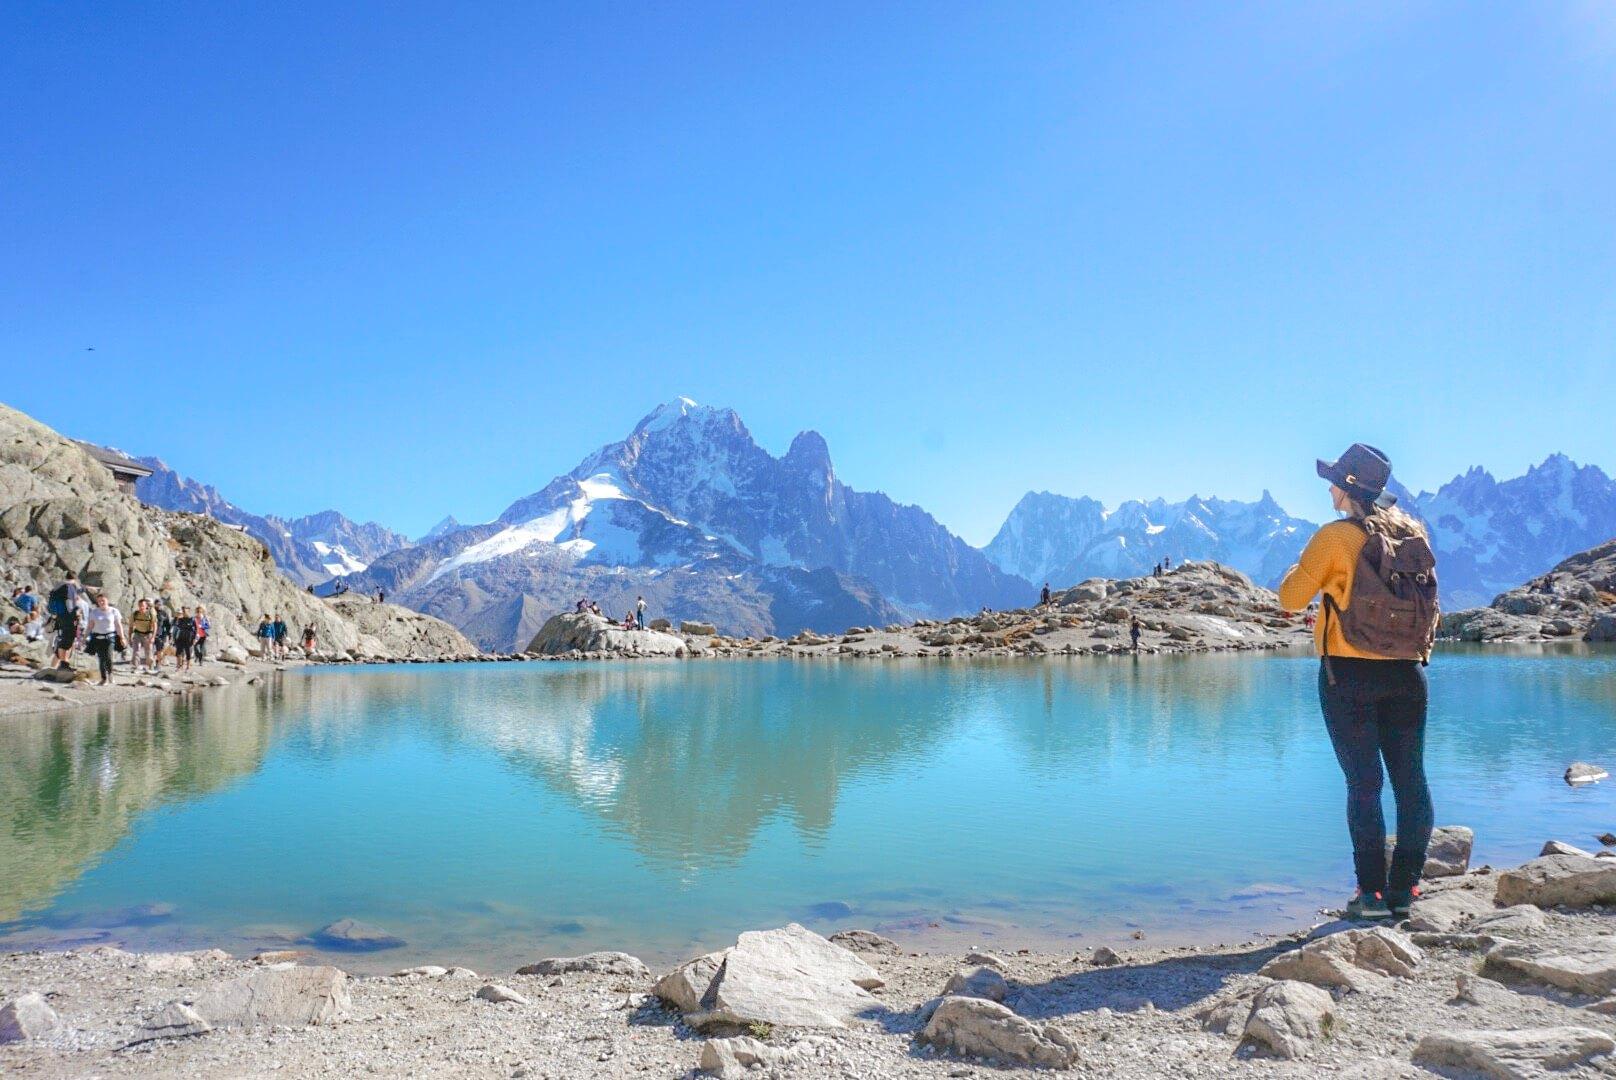 randonnée lac blanc plus belles randonnées du monde